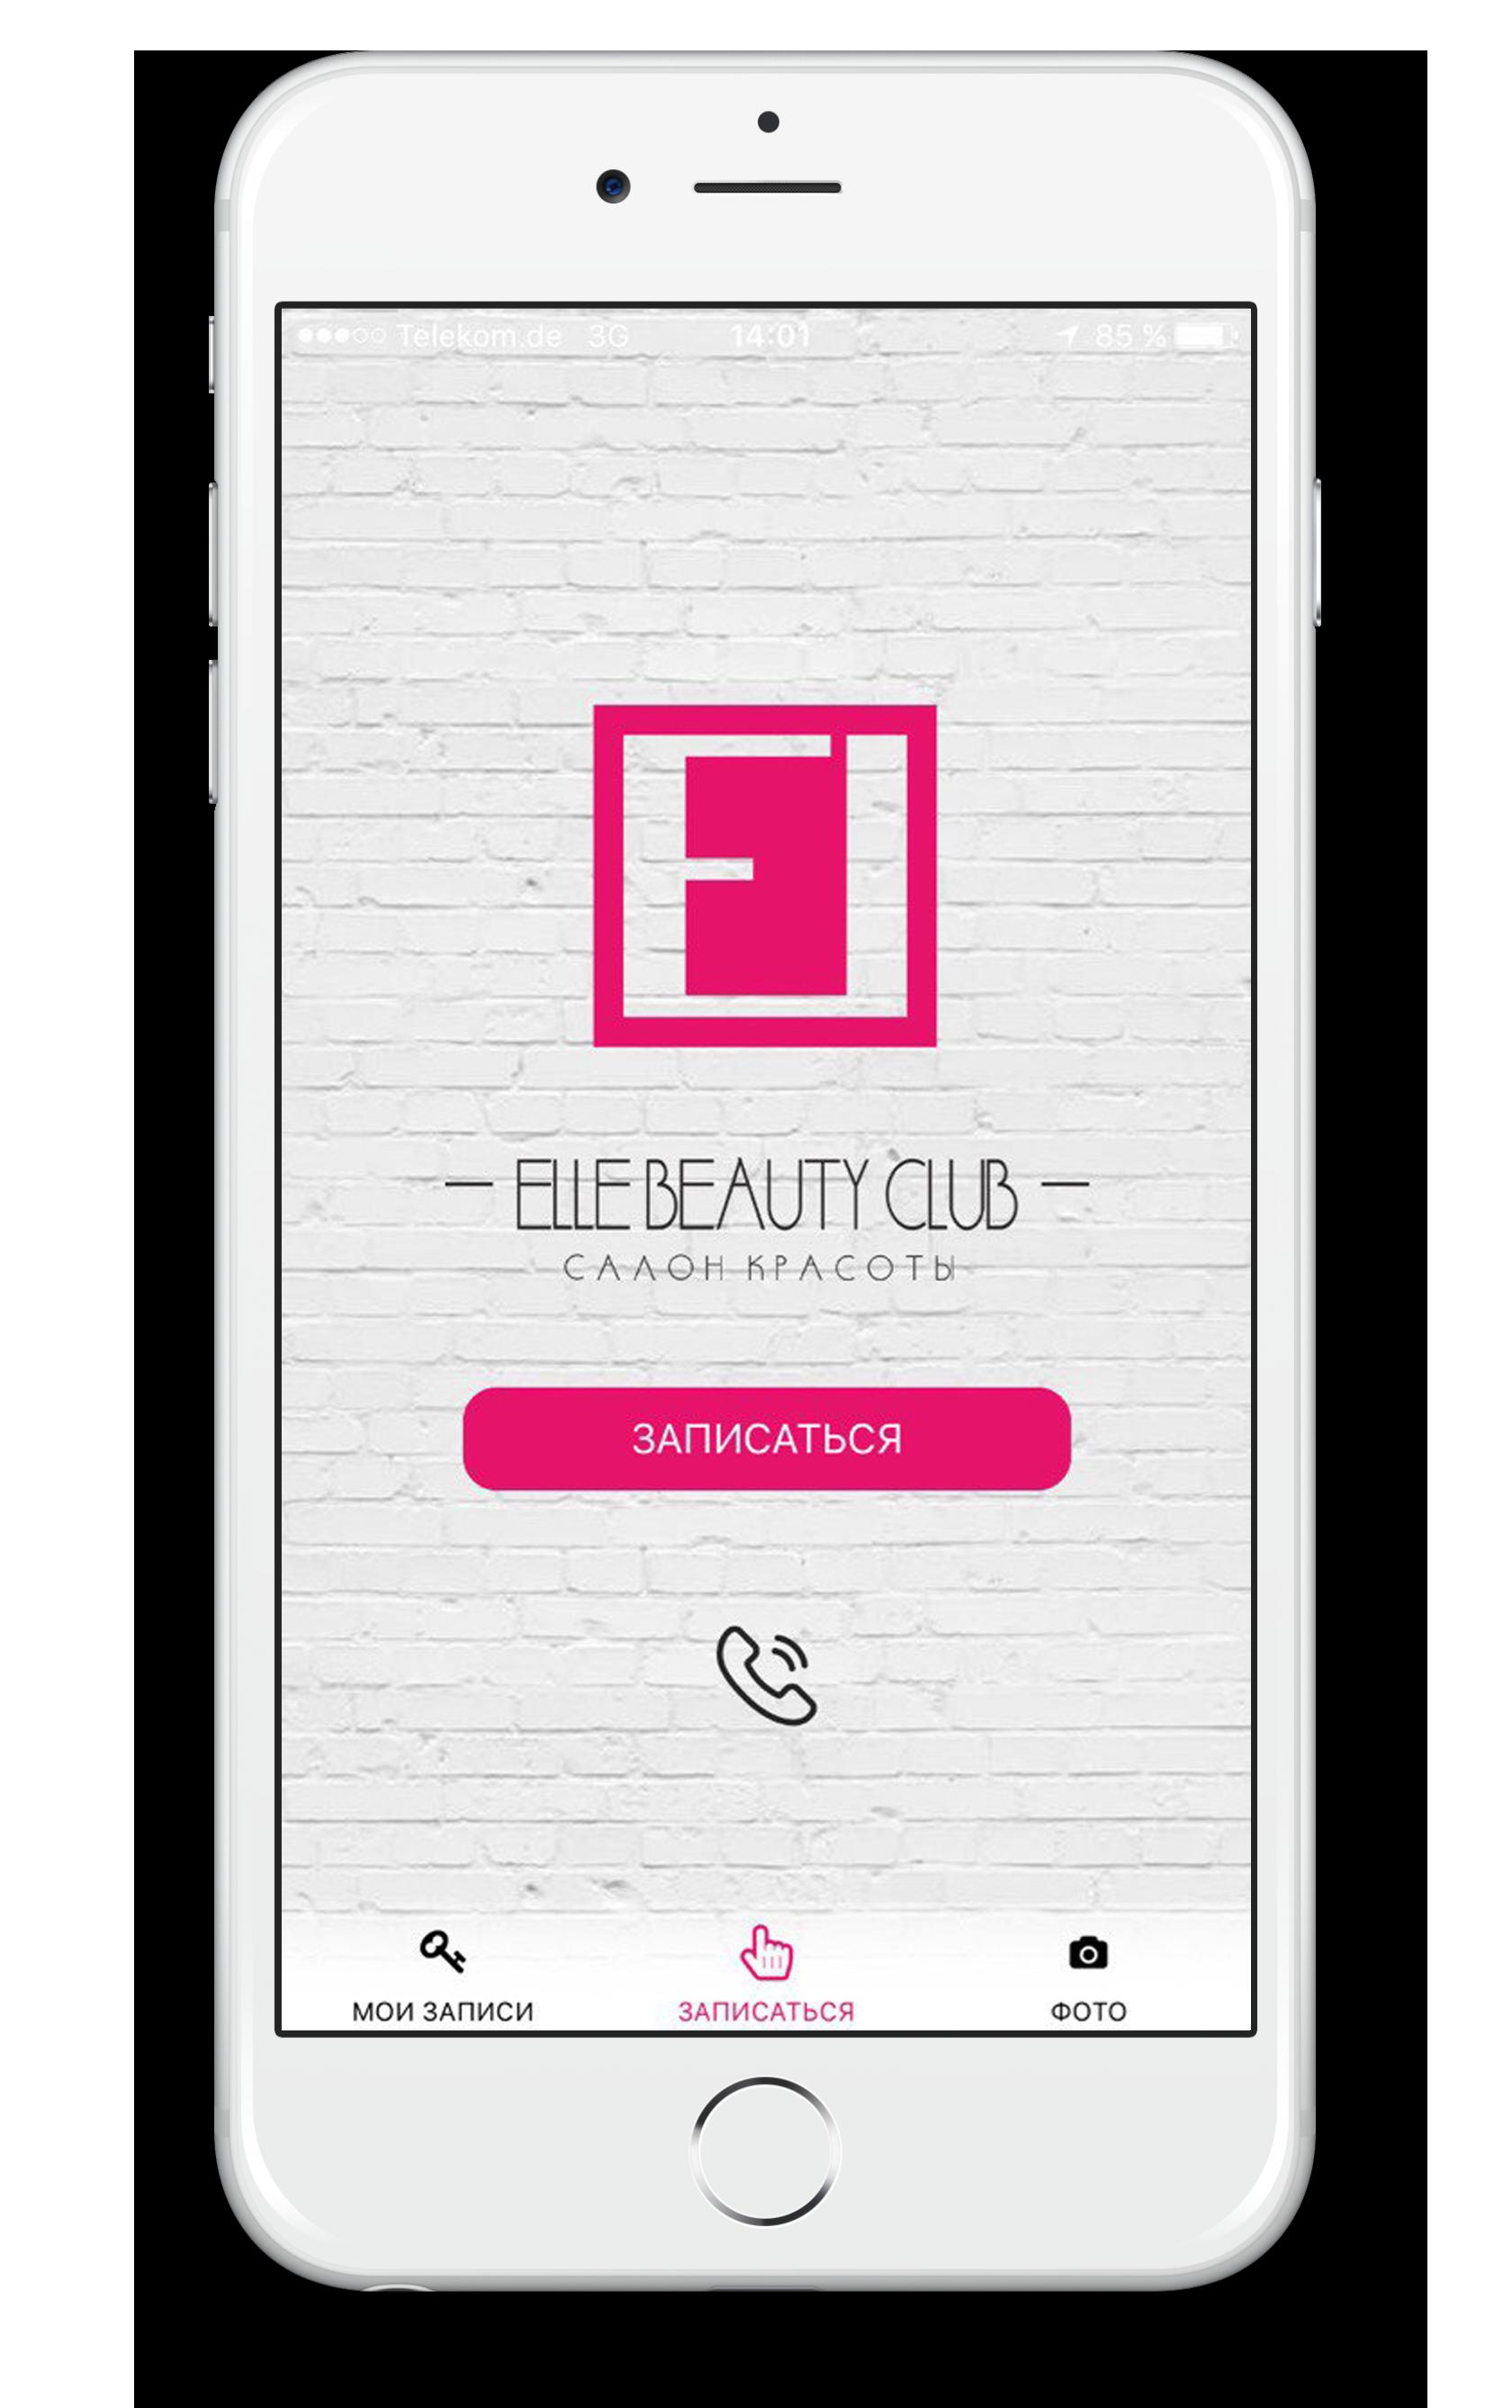 приложение ELLE BEAUTY CLUB